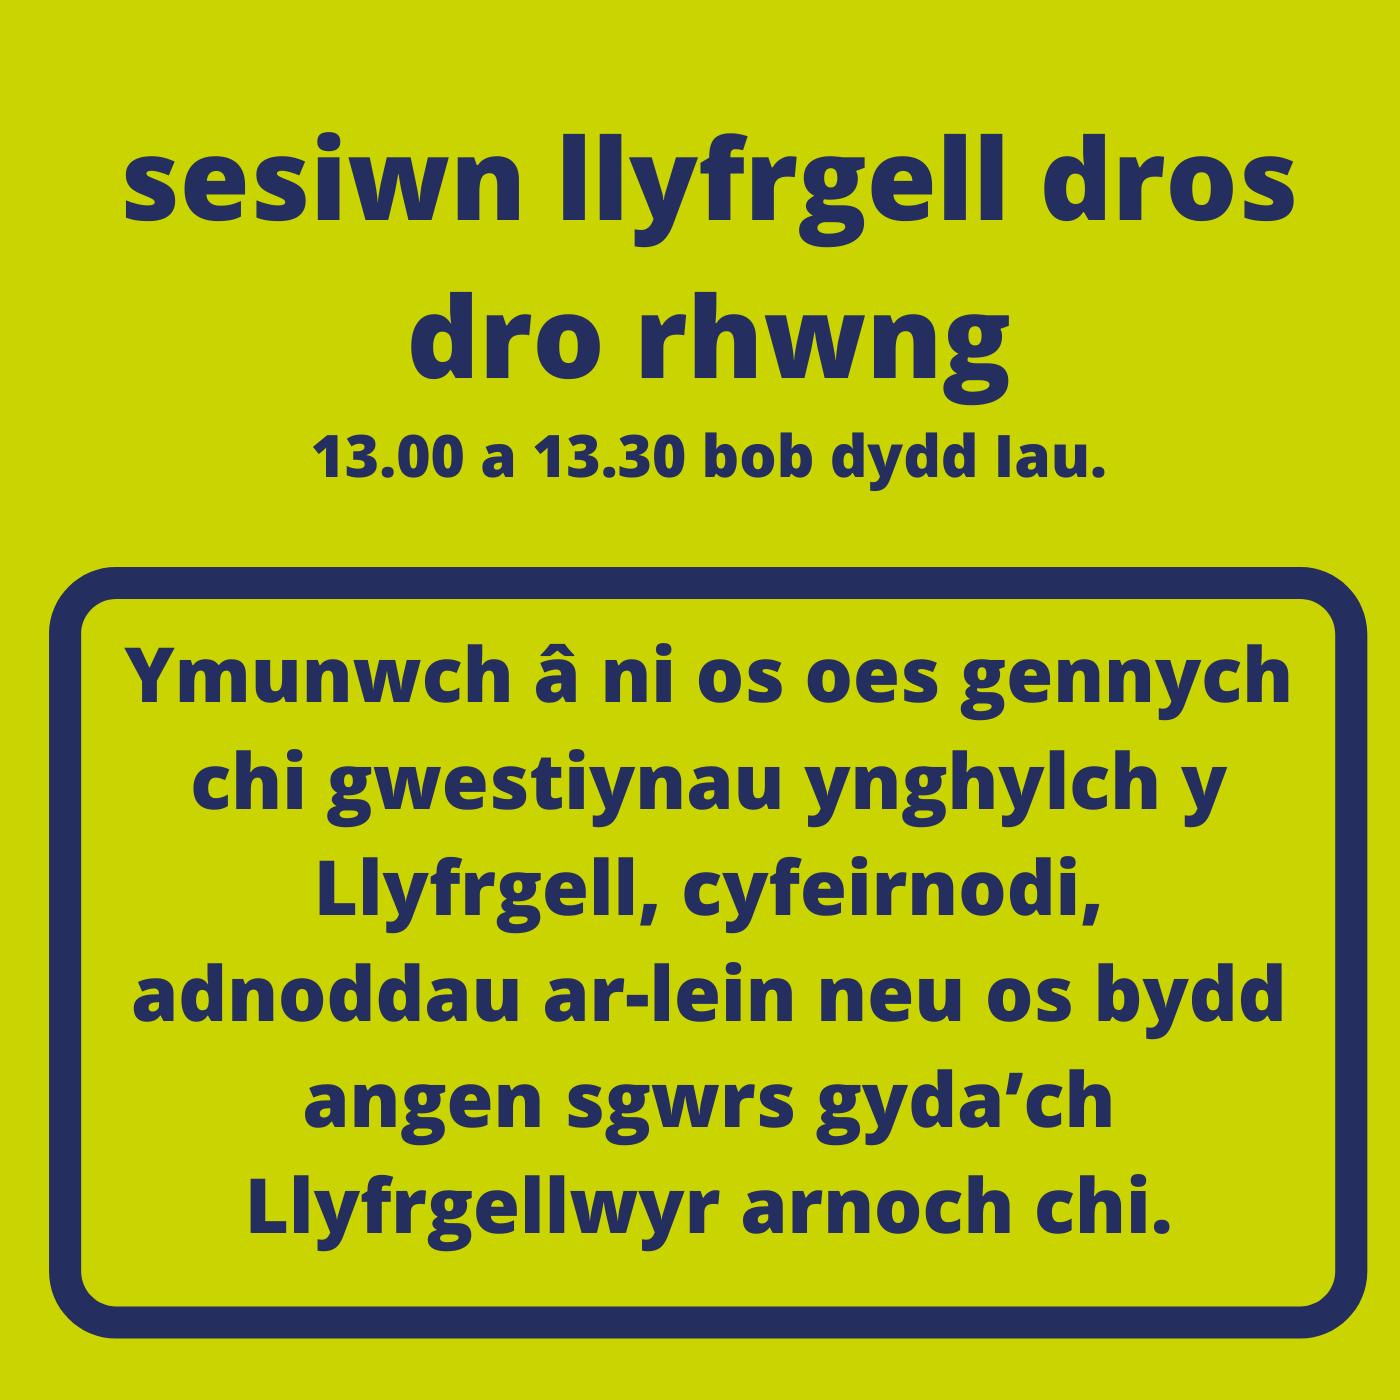 Hefyd, rydyn ni'n cynnal sesiwn llyfrgell dros dro rhwng 13.00 a 13.30 bob dydd Iau. Ymunwch